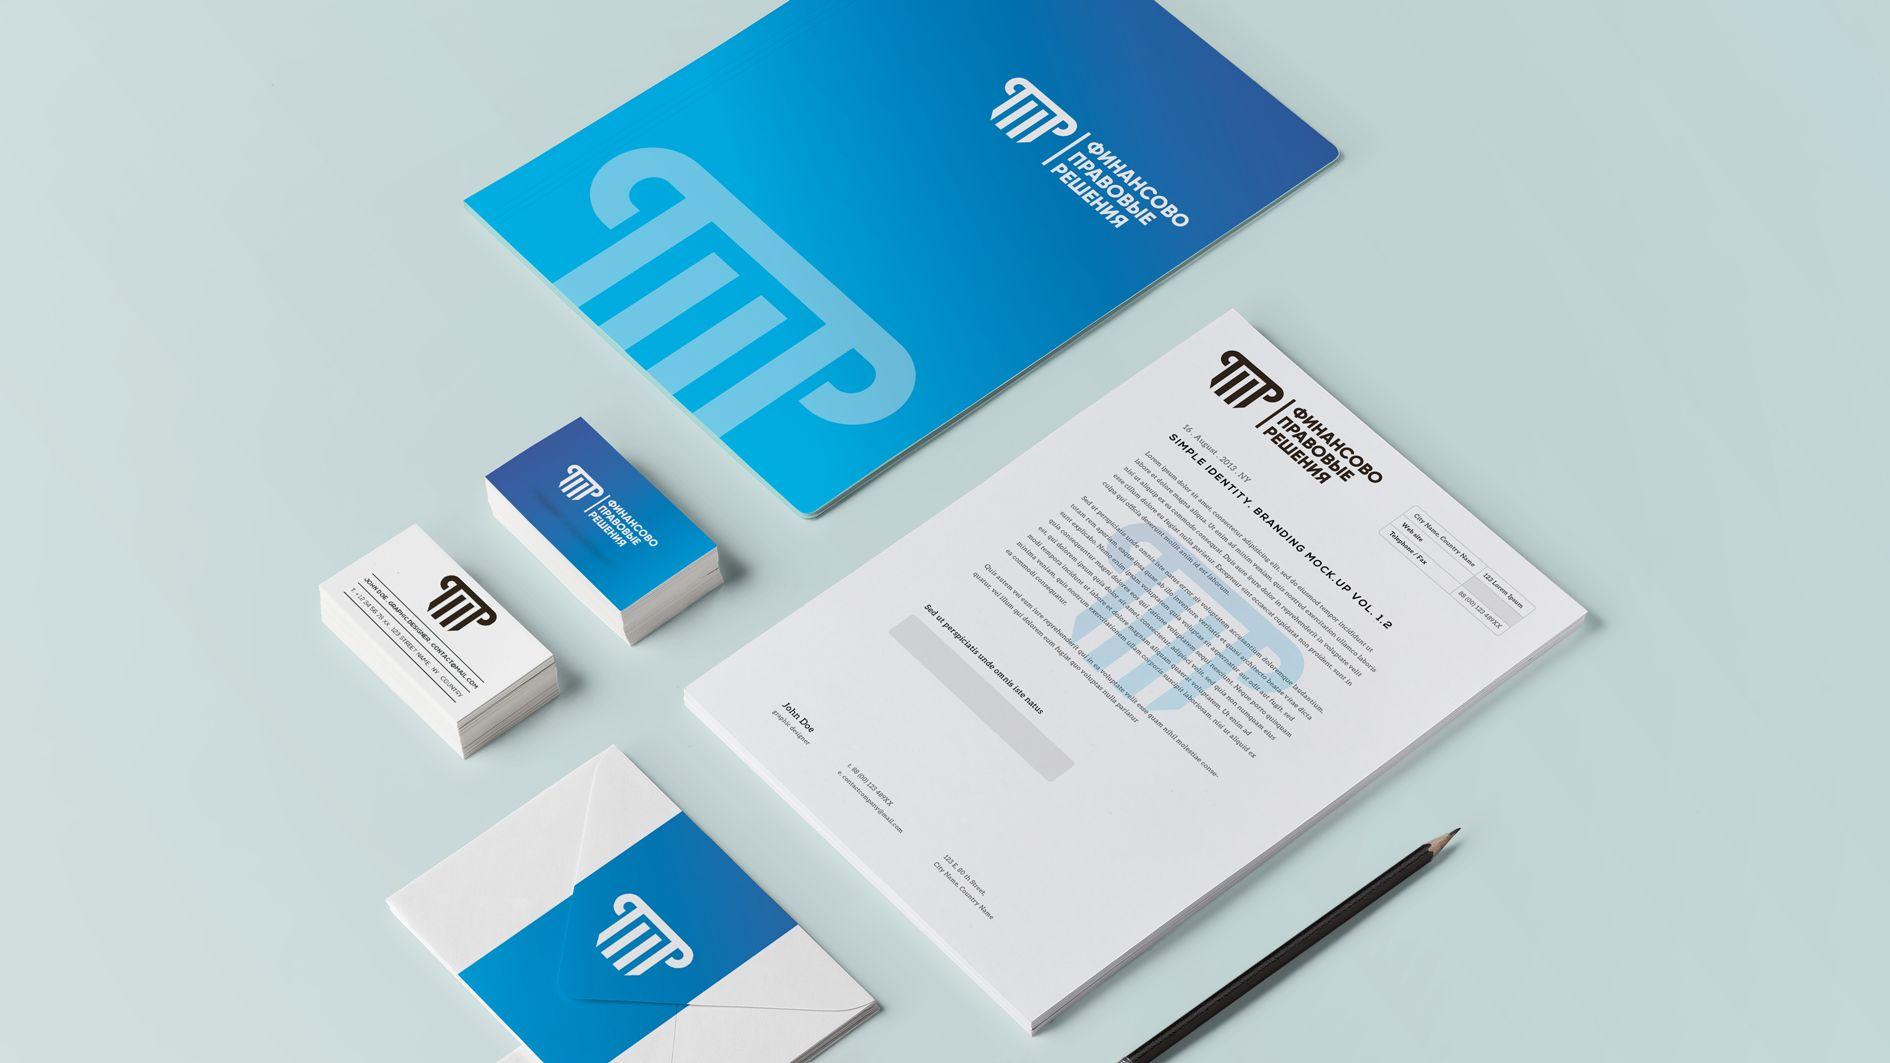 Лого и фирменный стиль для ФИНАНСОВО-ПРАВОВЫЕ РЕШЕНИЯ (сокращенно - ФПР) - дизайнер taigadsgn